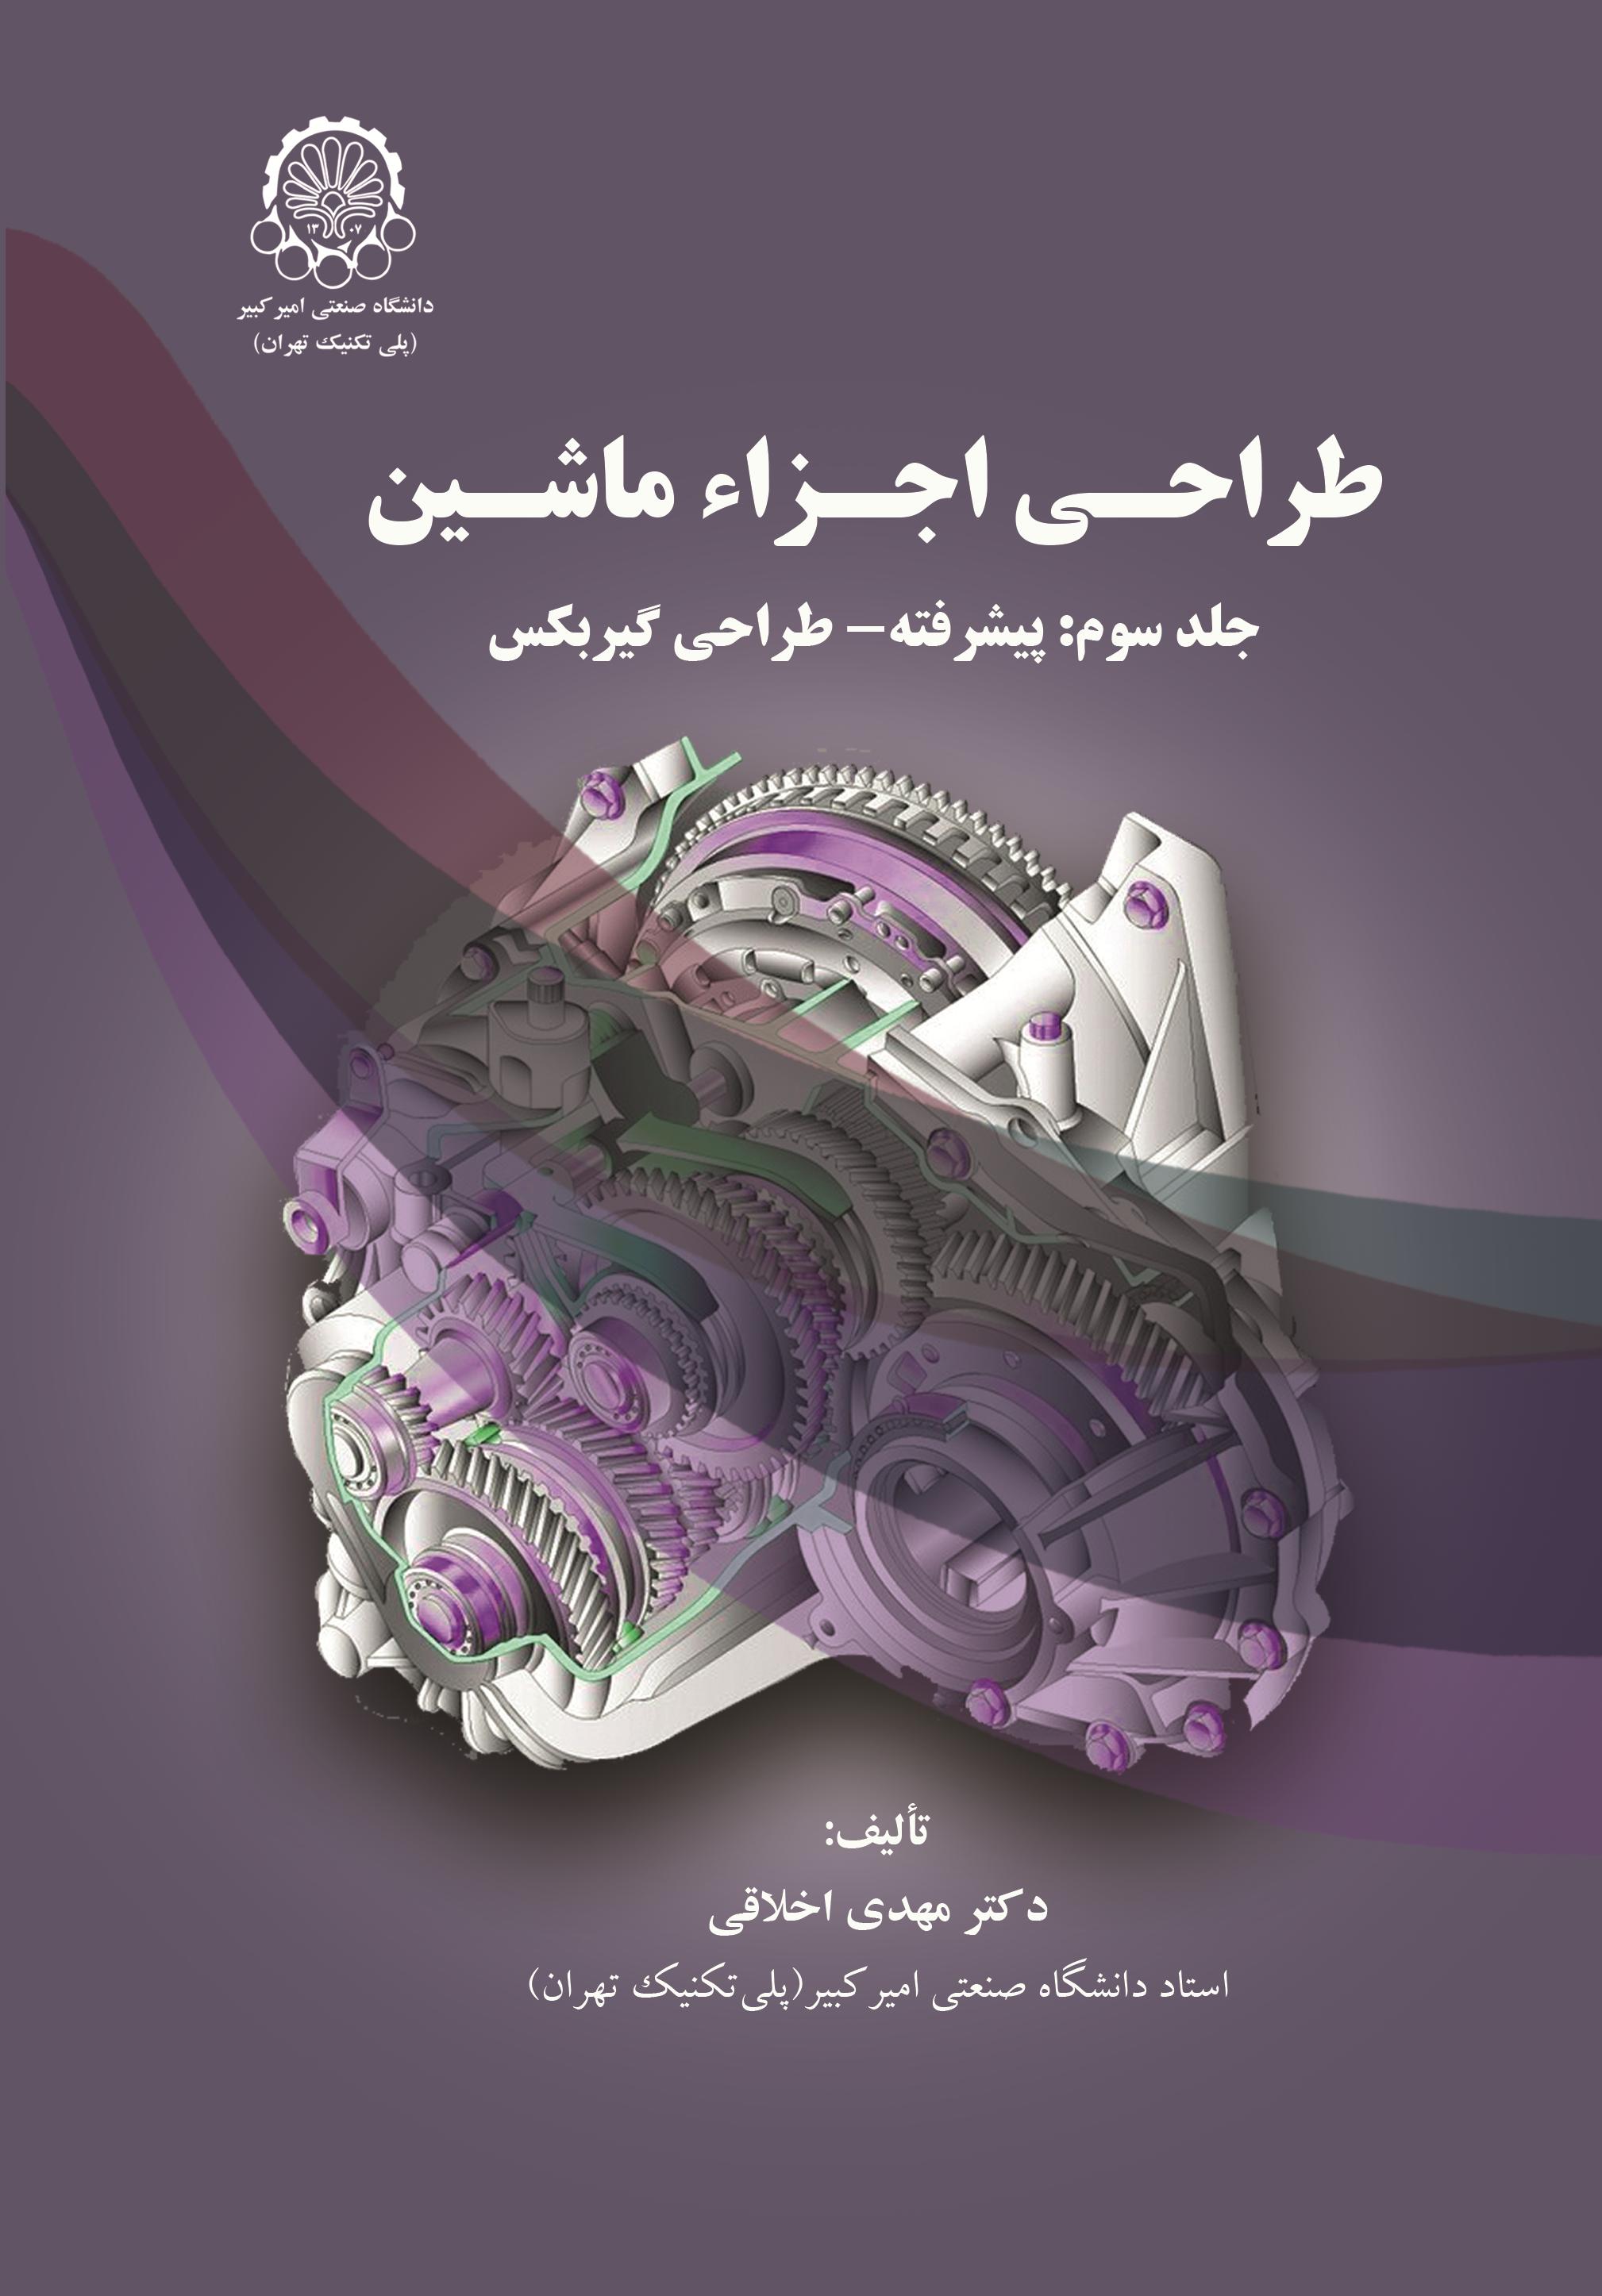 طراحی اجزاء ماشین جلد سوم : پیشرفته -طراحی گیربکس